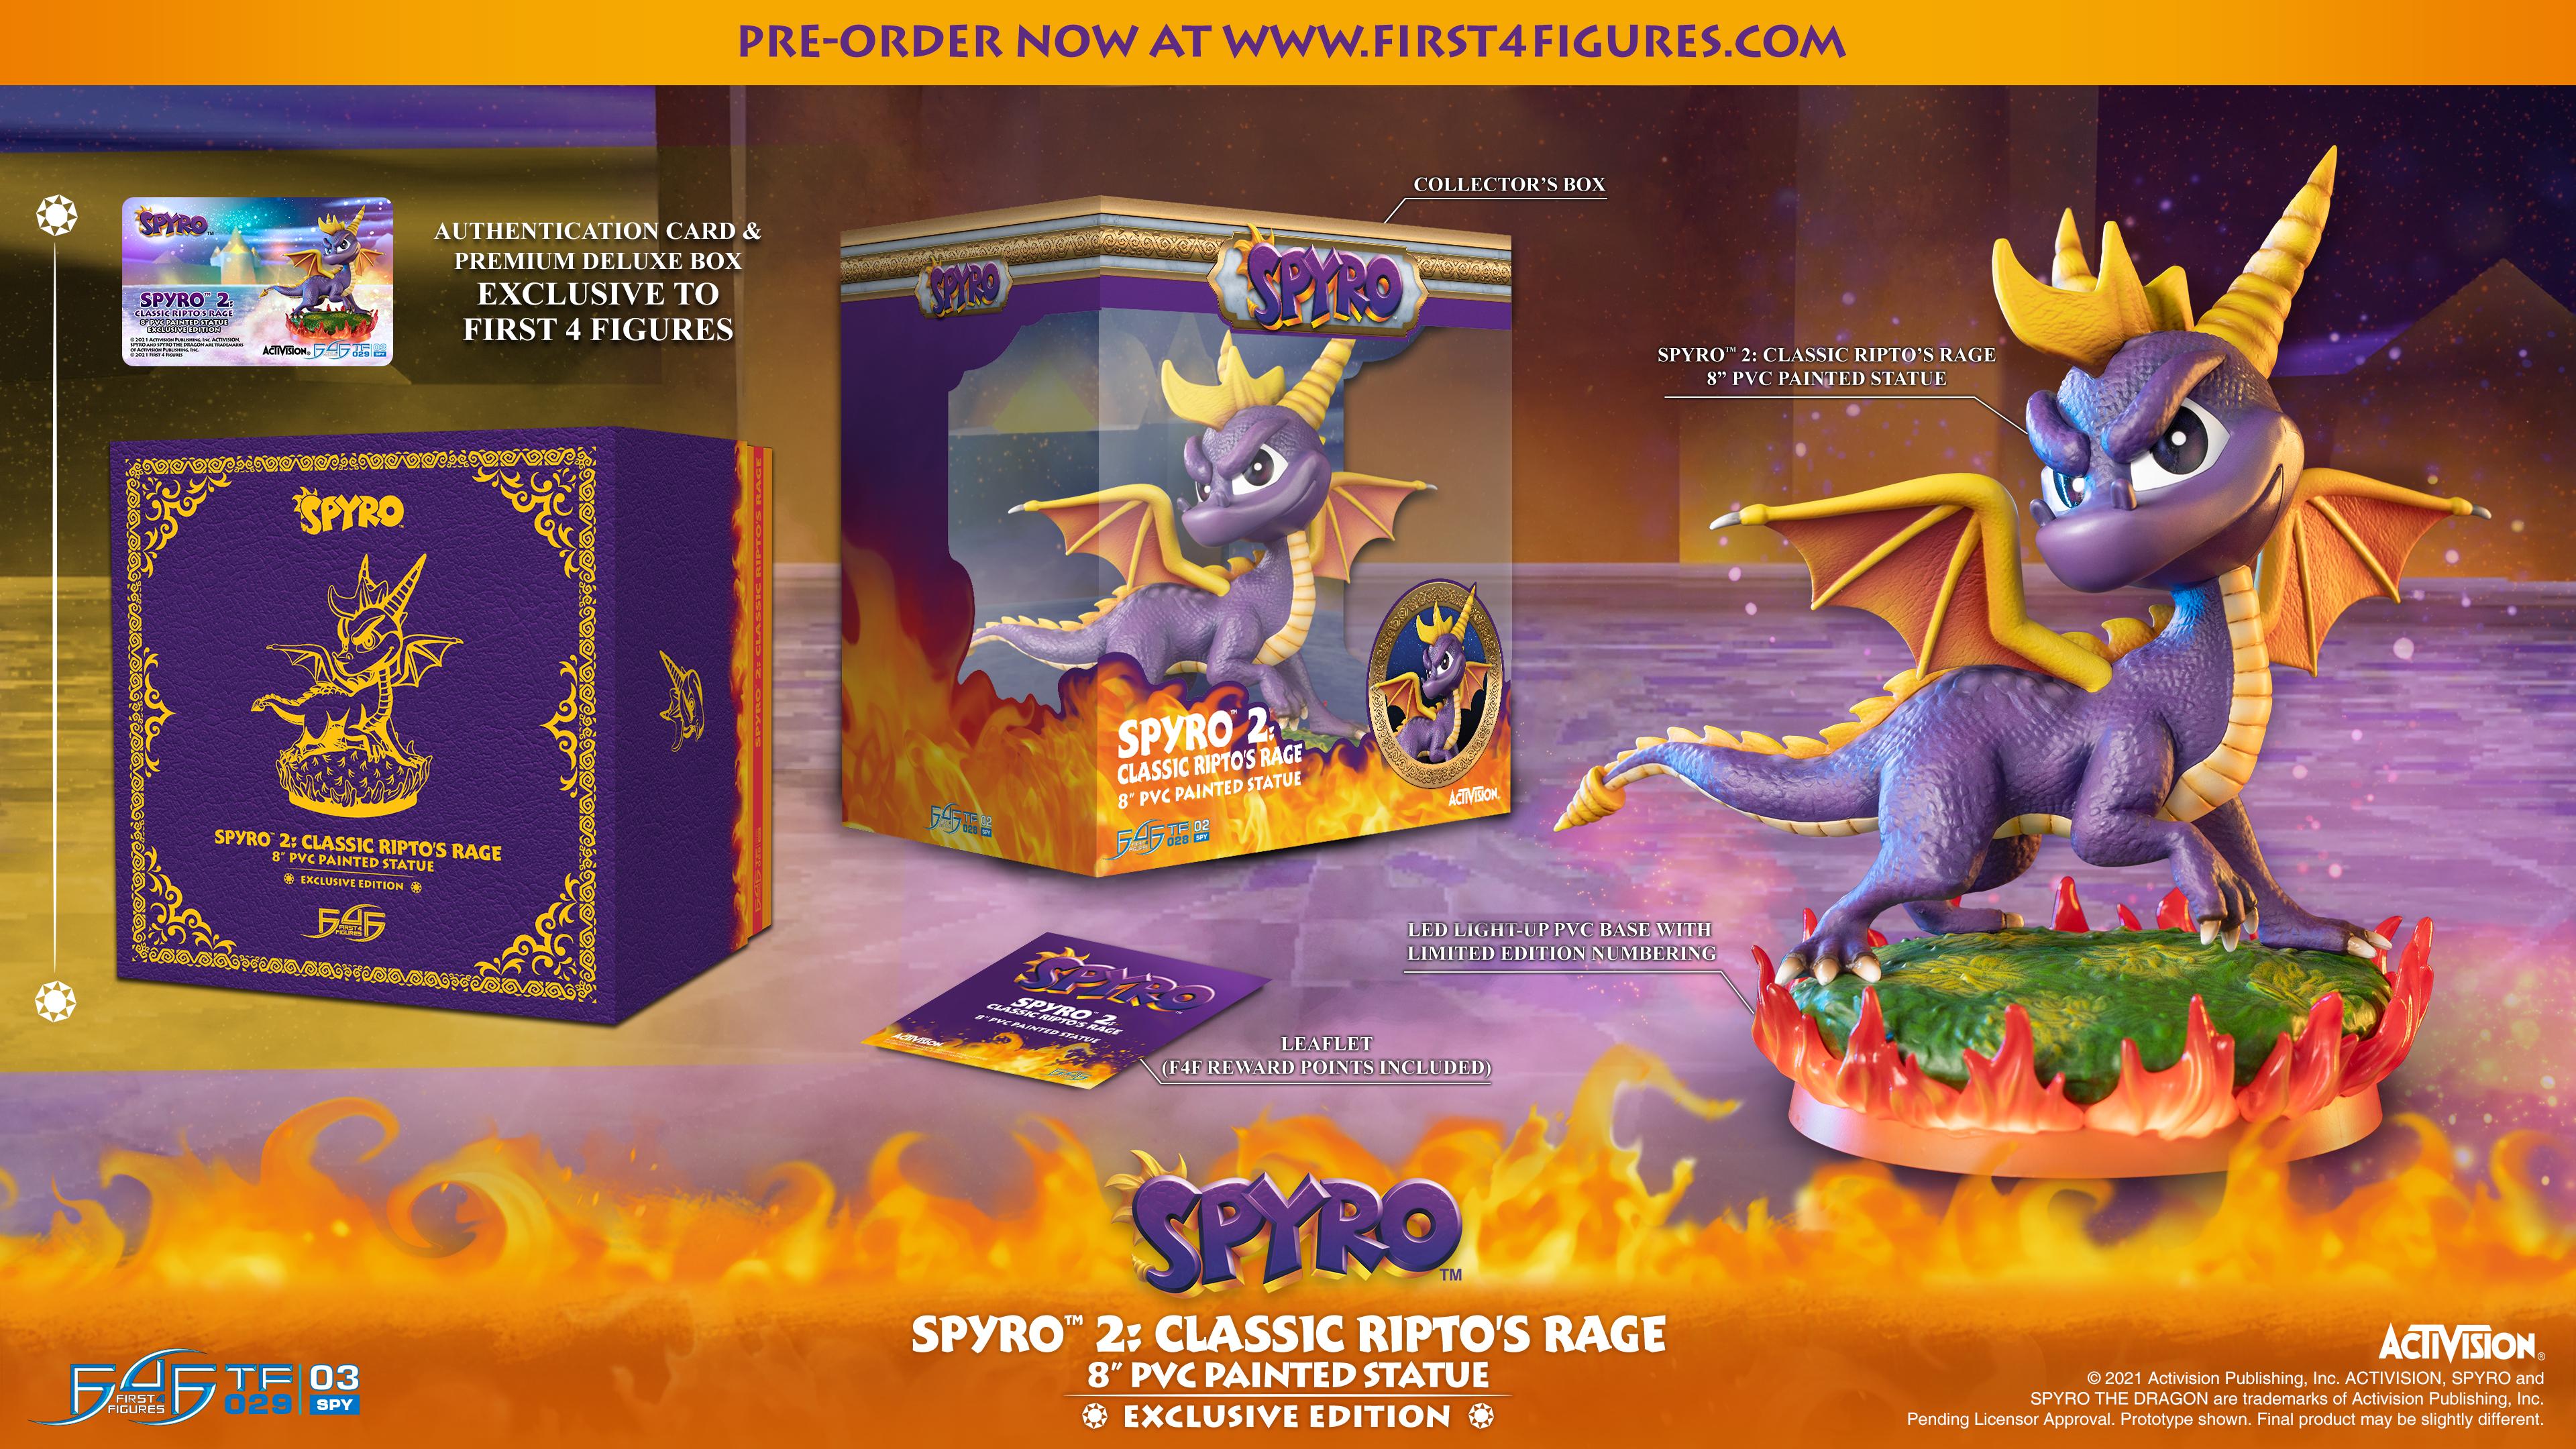 Spyro™ 2: Classic Ripto's Rage (Exclusive Edition)